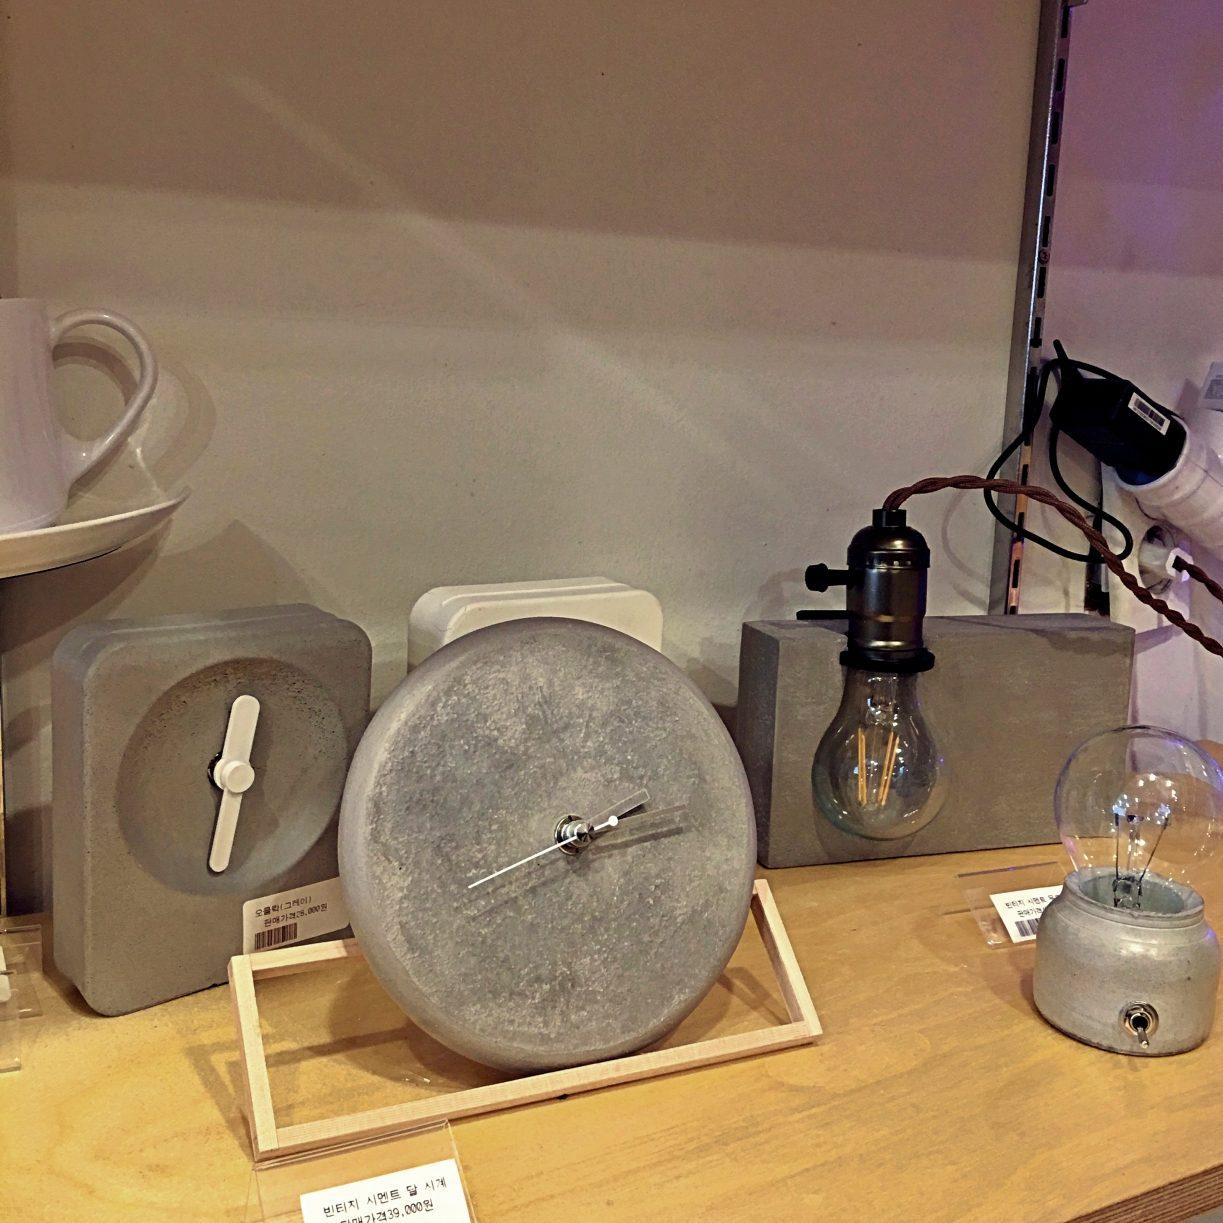 簡單設計感的時鐘、燈泡造型檯燈,也都好好看呀。